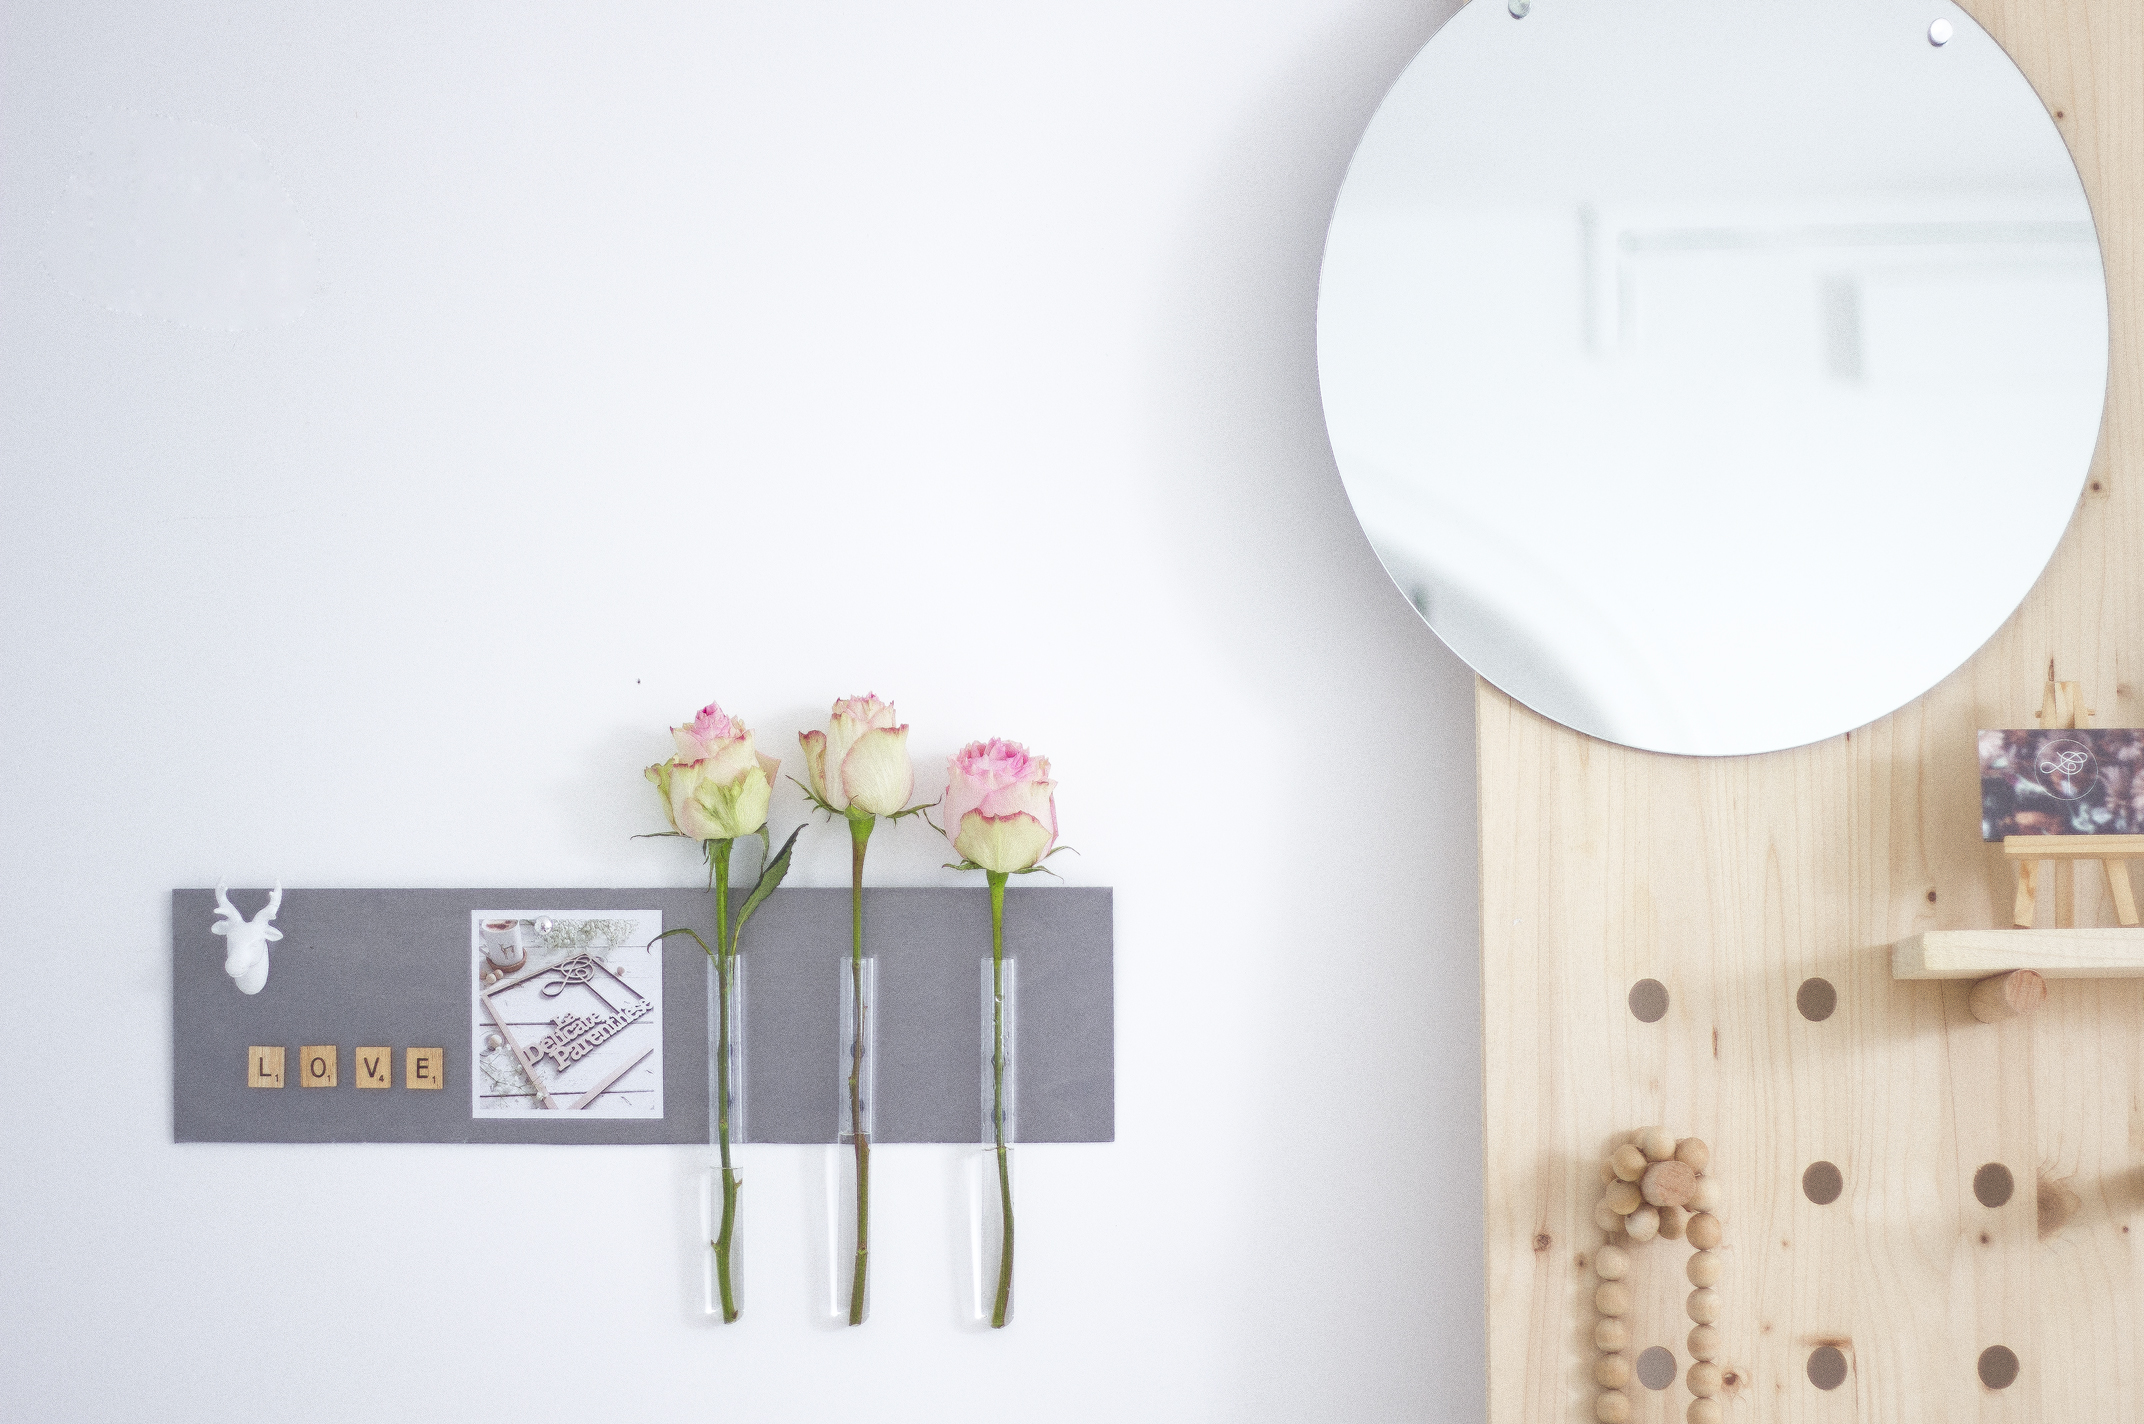 tableau aimant castorama le duo de lampe de bureau drode. Black Bedroom Furniture Sets. Home Design Ideas